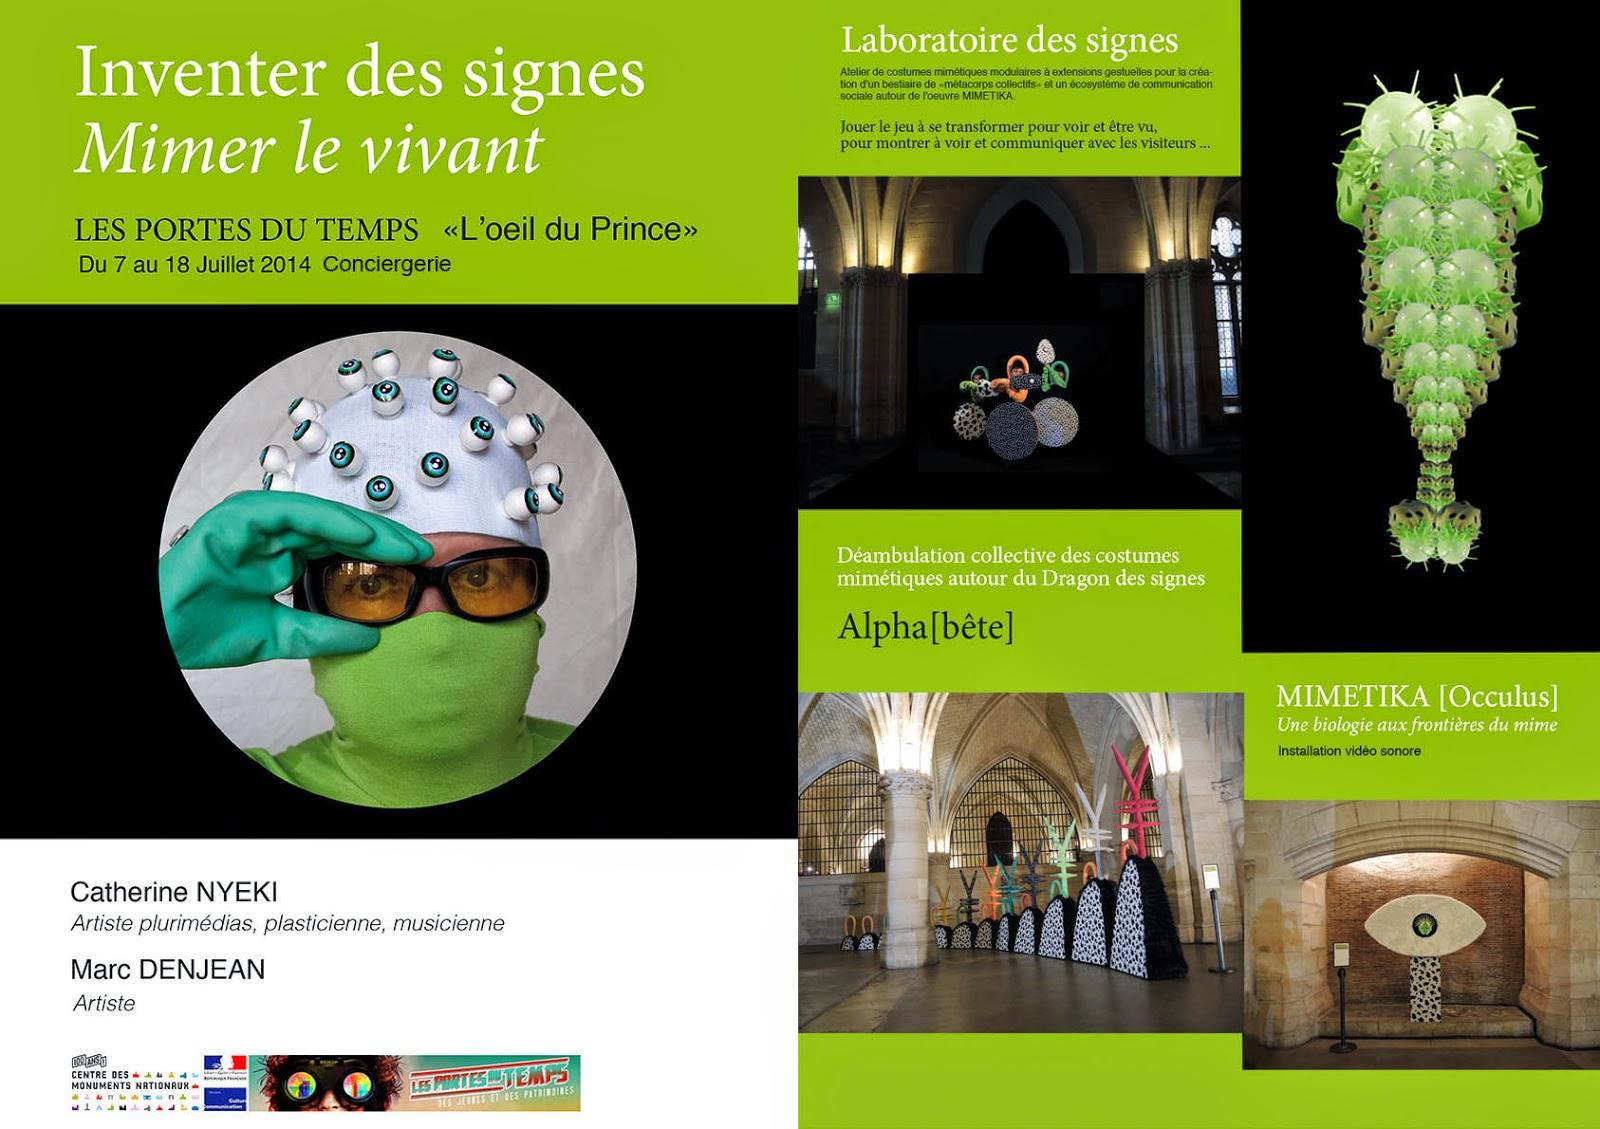 Blog des mardis hongrois de paris les portes du temps exposition catherine nyeki et marc - Harry potter 8 et les portes du temps ...